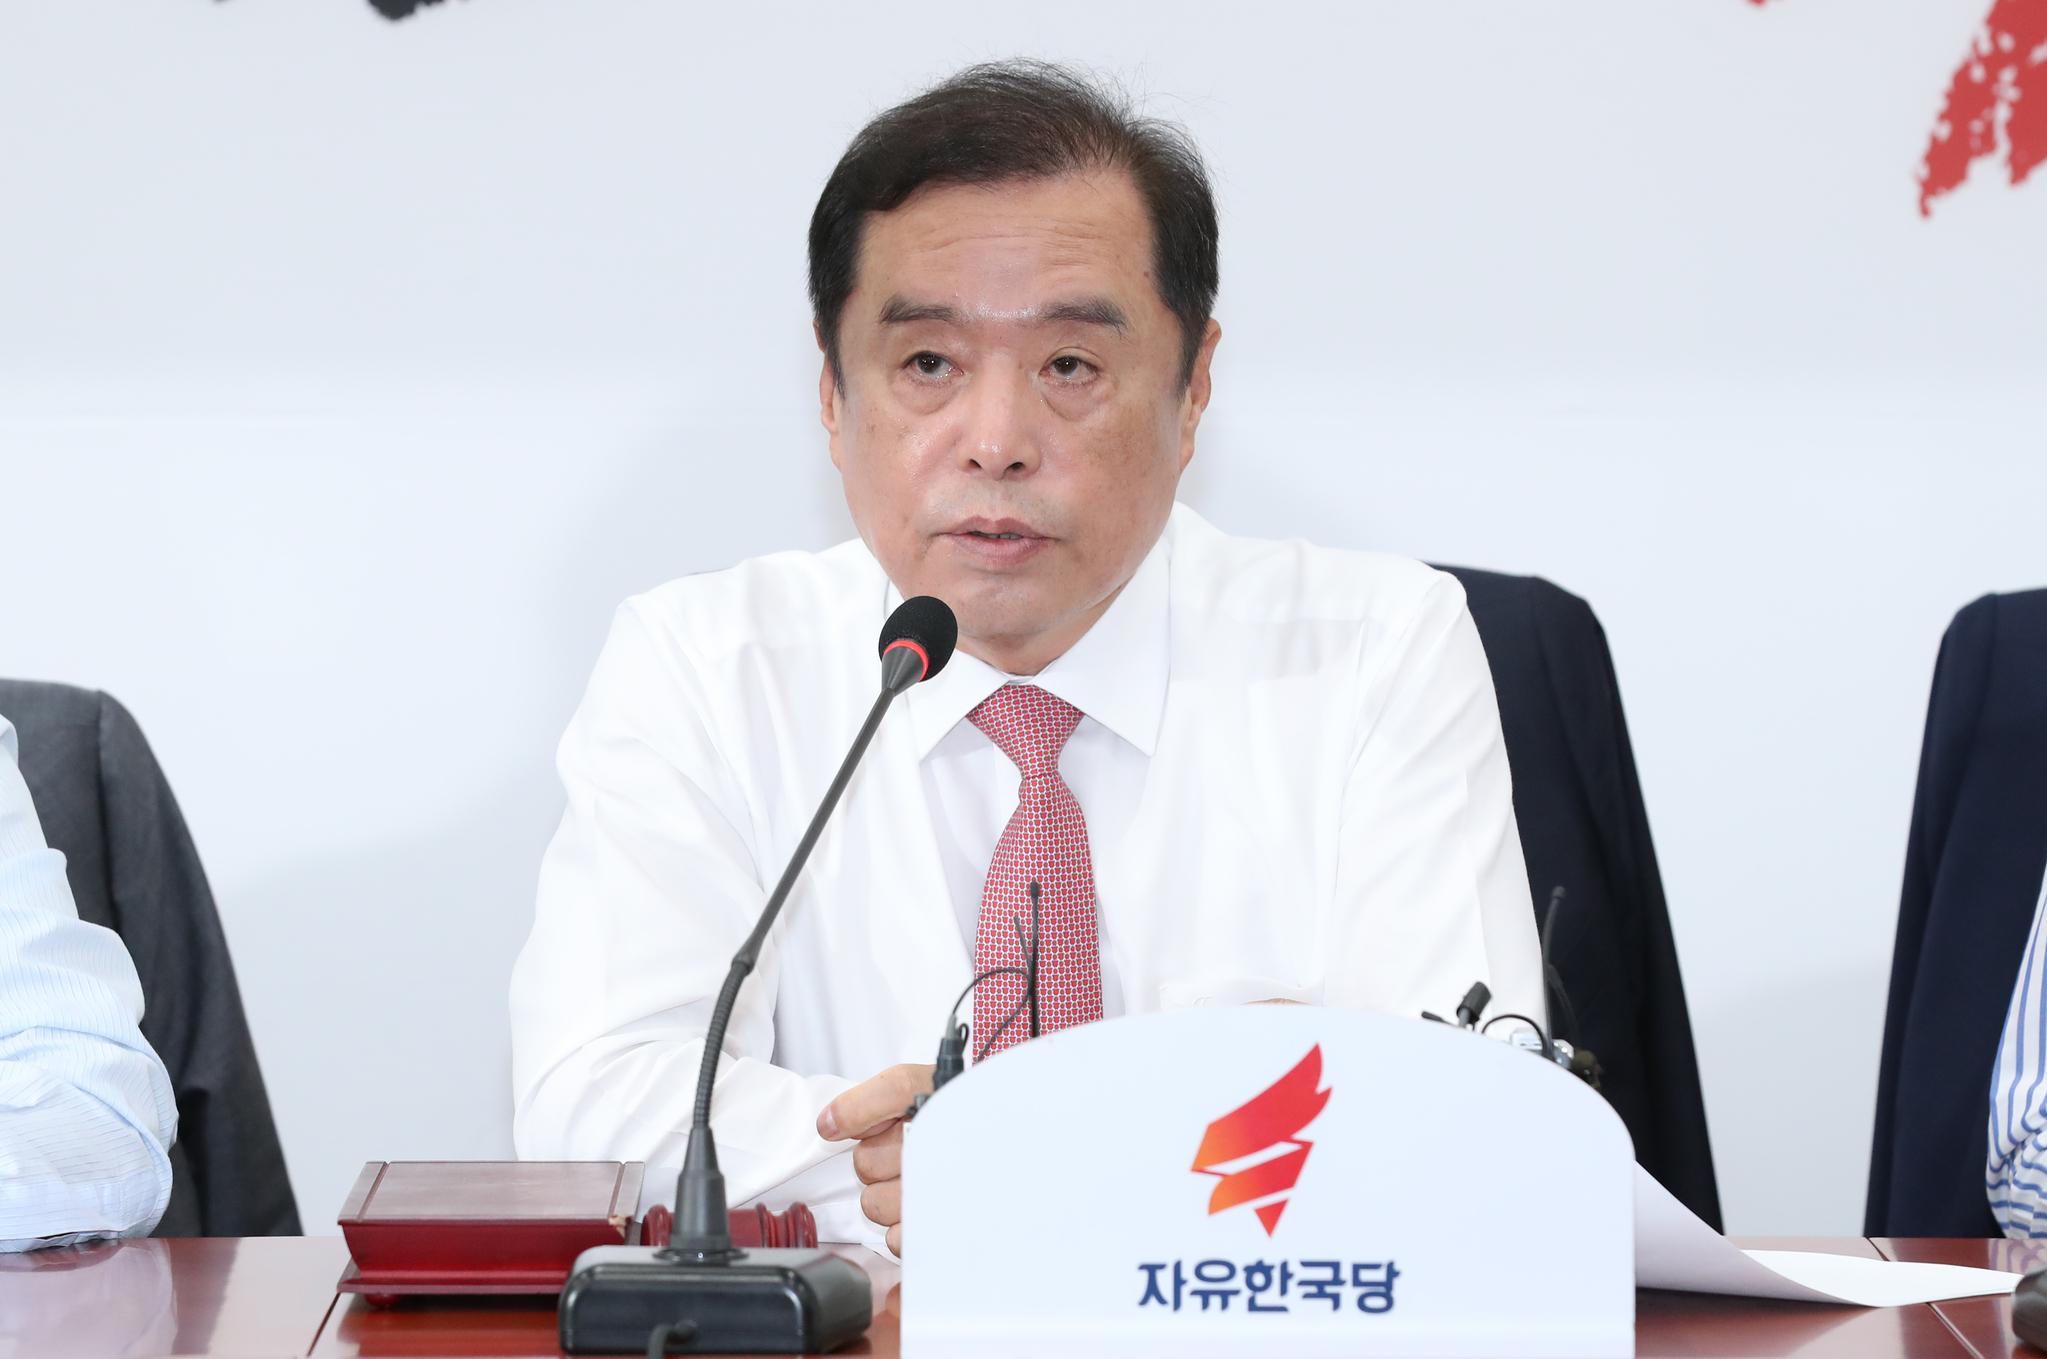 자유한국당 김병준 비상대책위원장이 6일 오전 국회에서 열린 비상대책위원회의에서 모두발언을 하고 있다. 임현동 기자